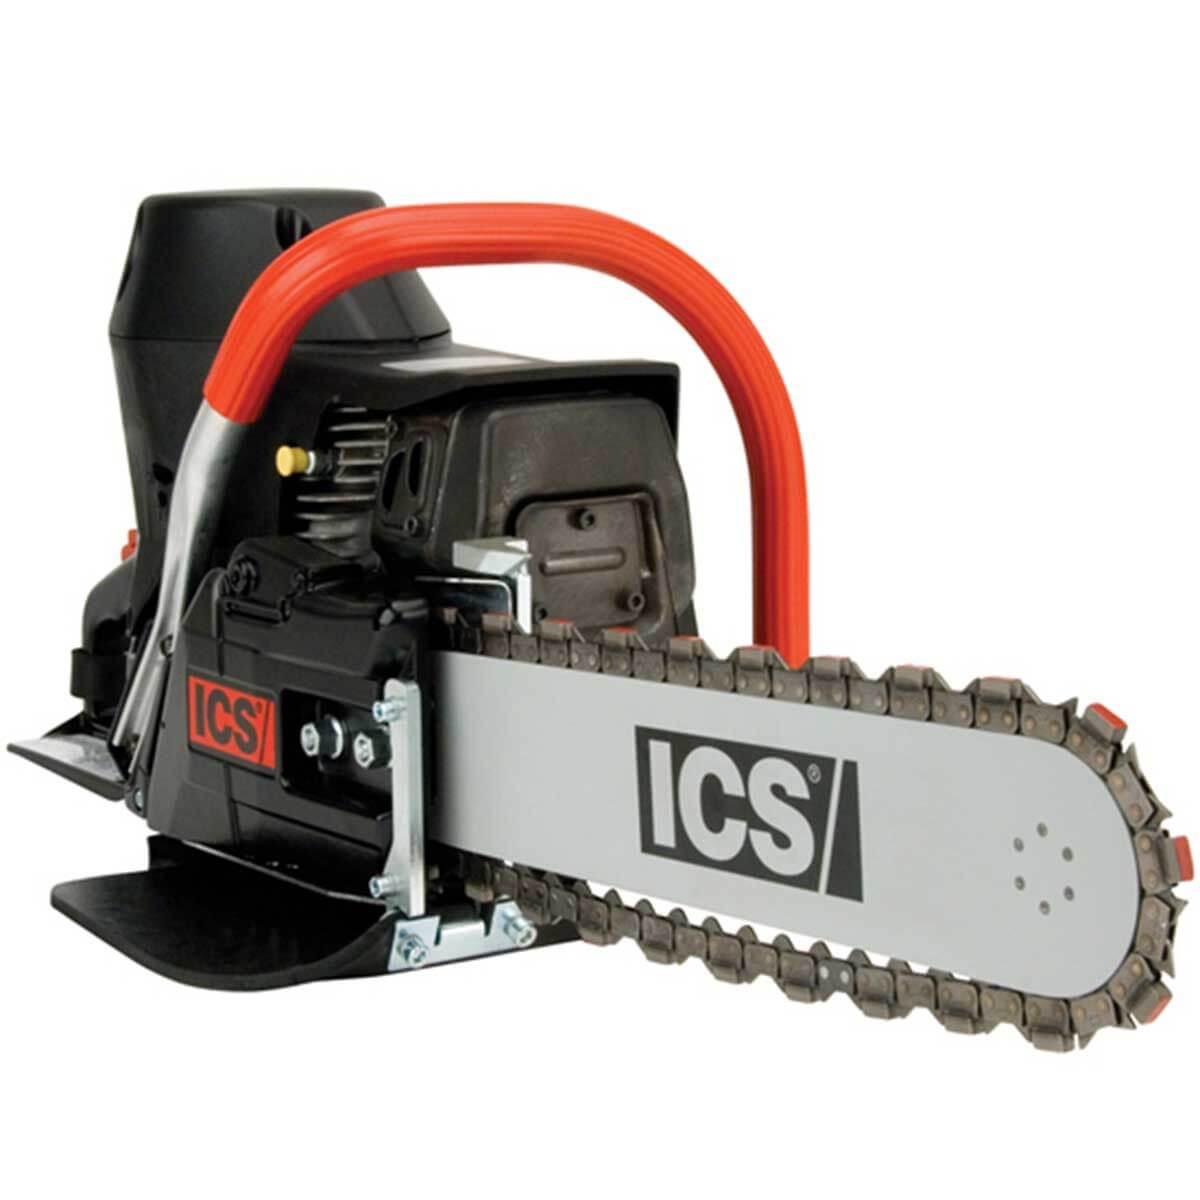 Concrete Cutting Saws : Ics es gc concrete diamond chain saw contractors direct